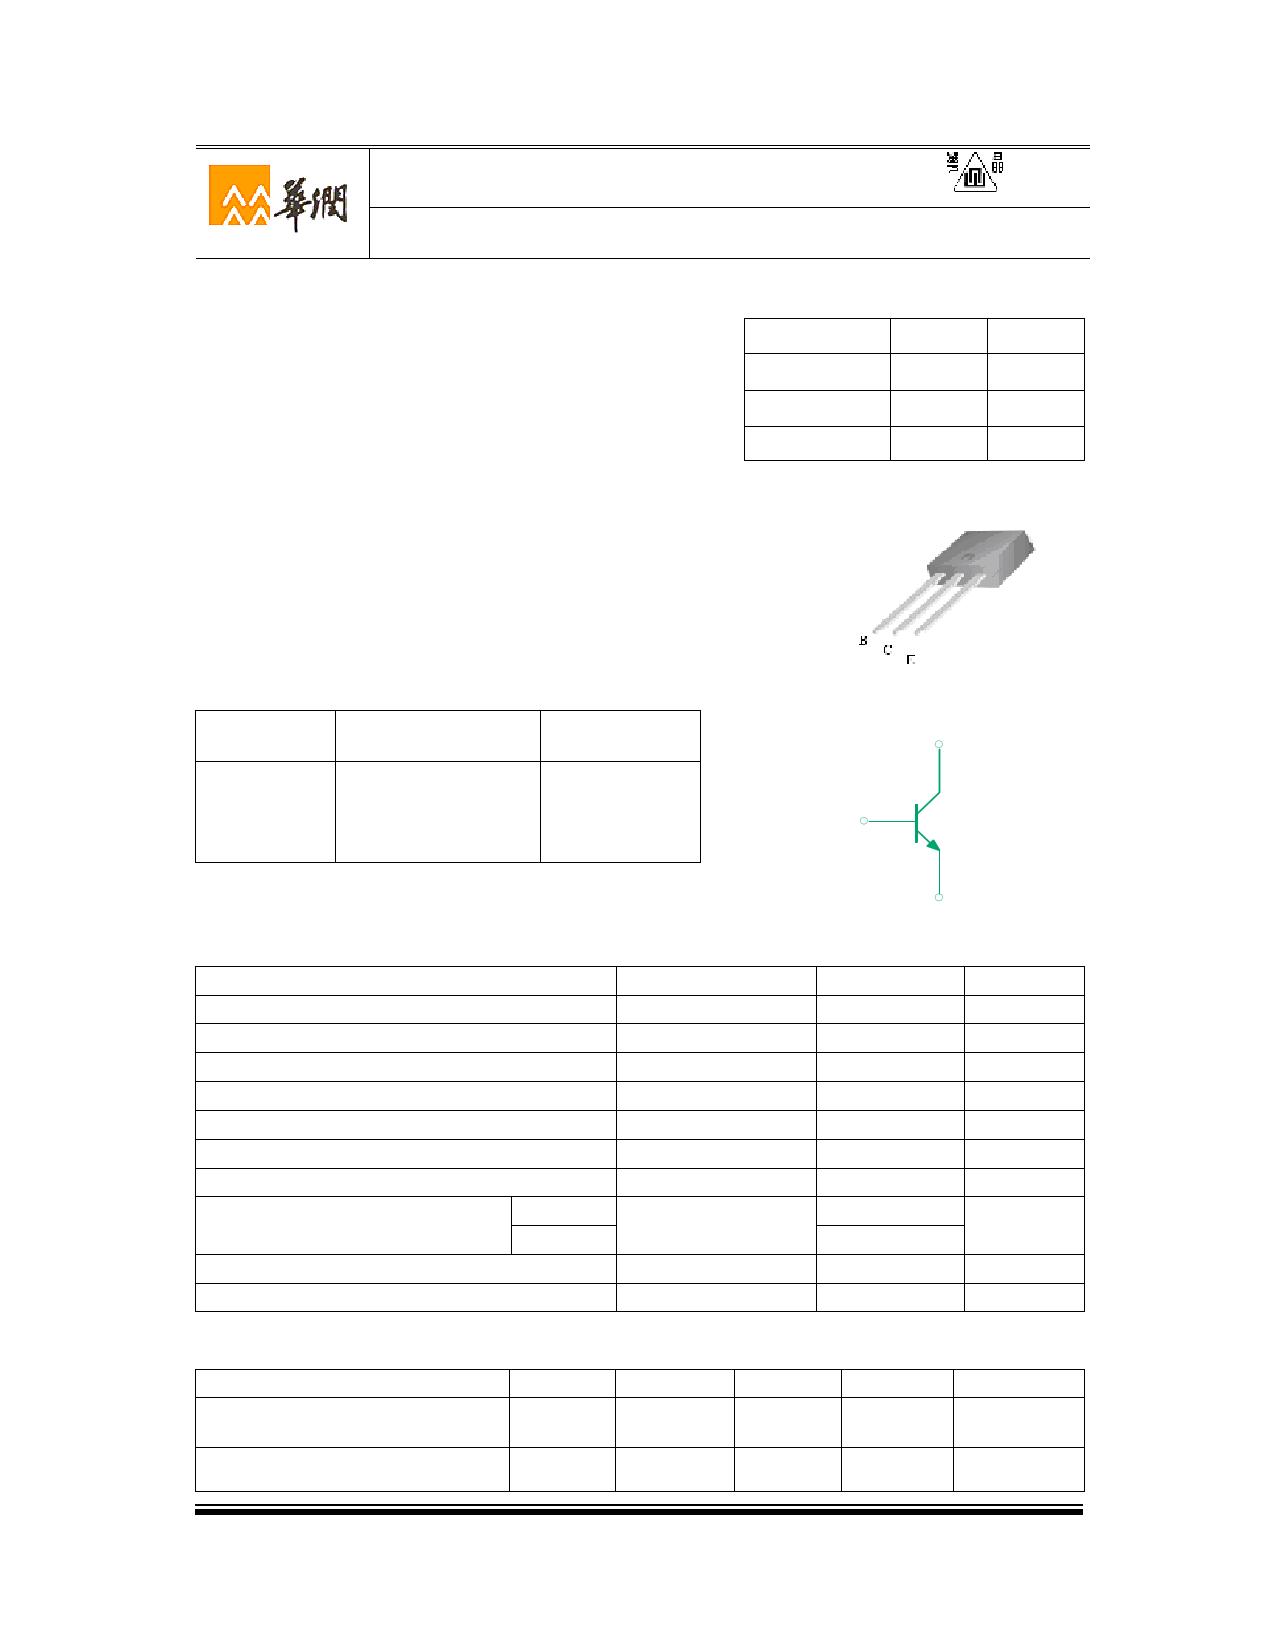 3DD13005B3 Datasheet, 3DD13005B3 PDF,ピン配置, 機能